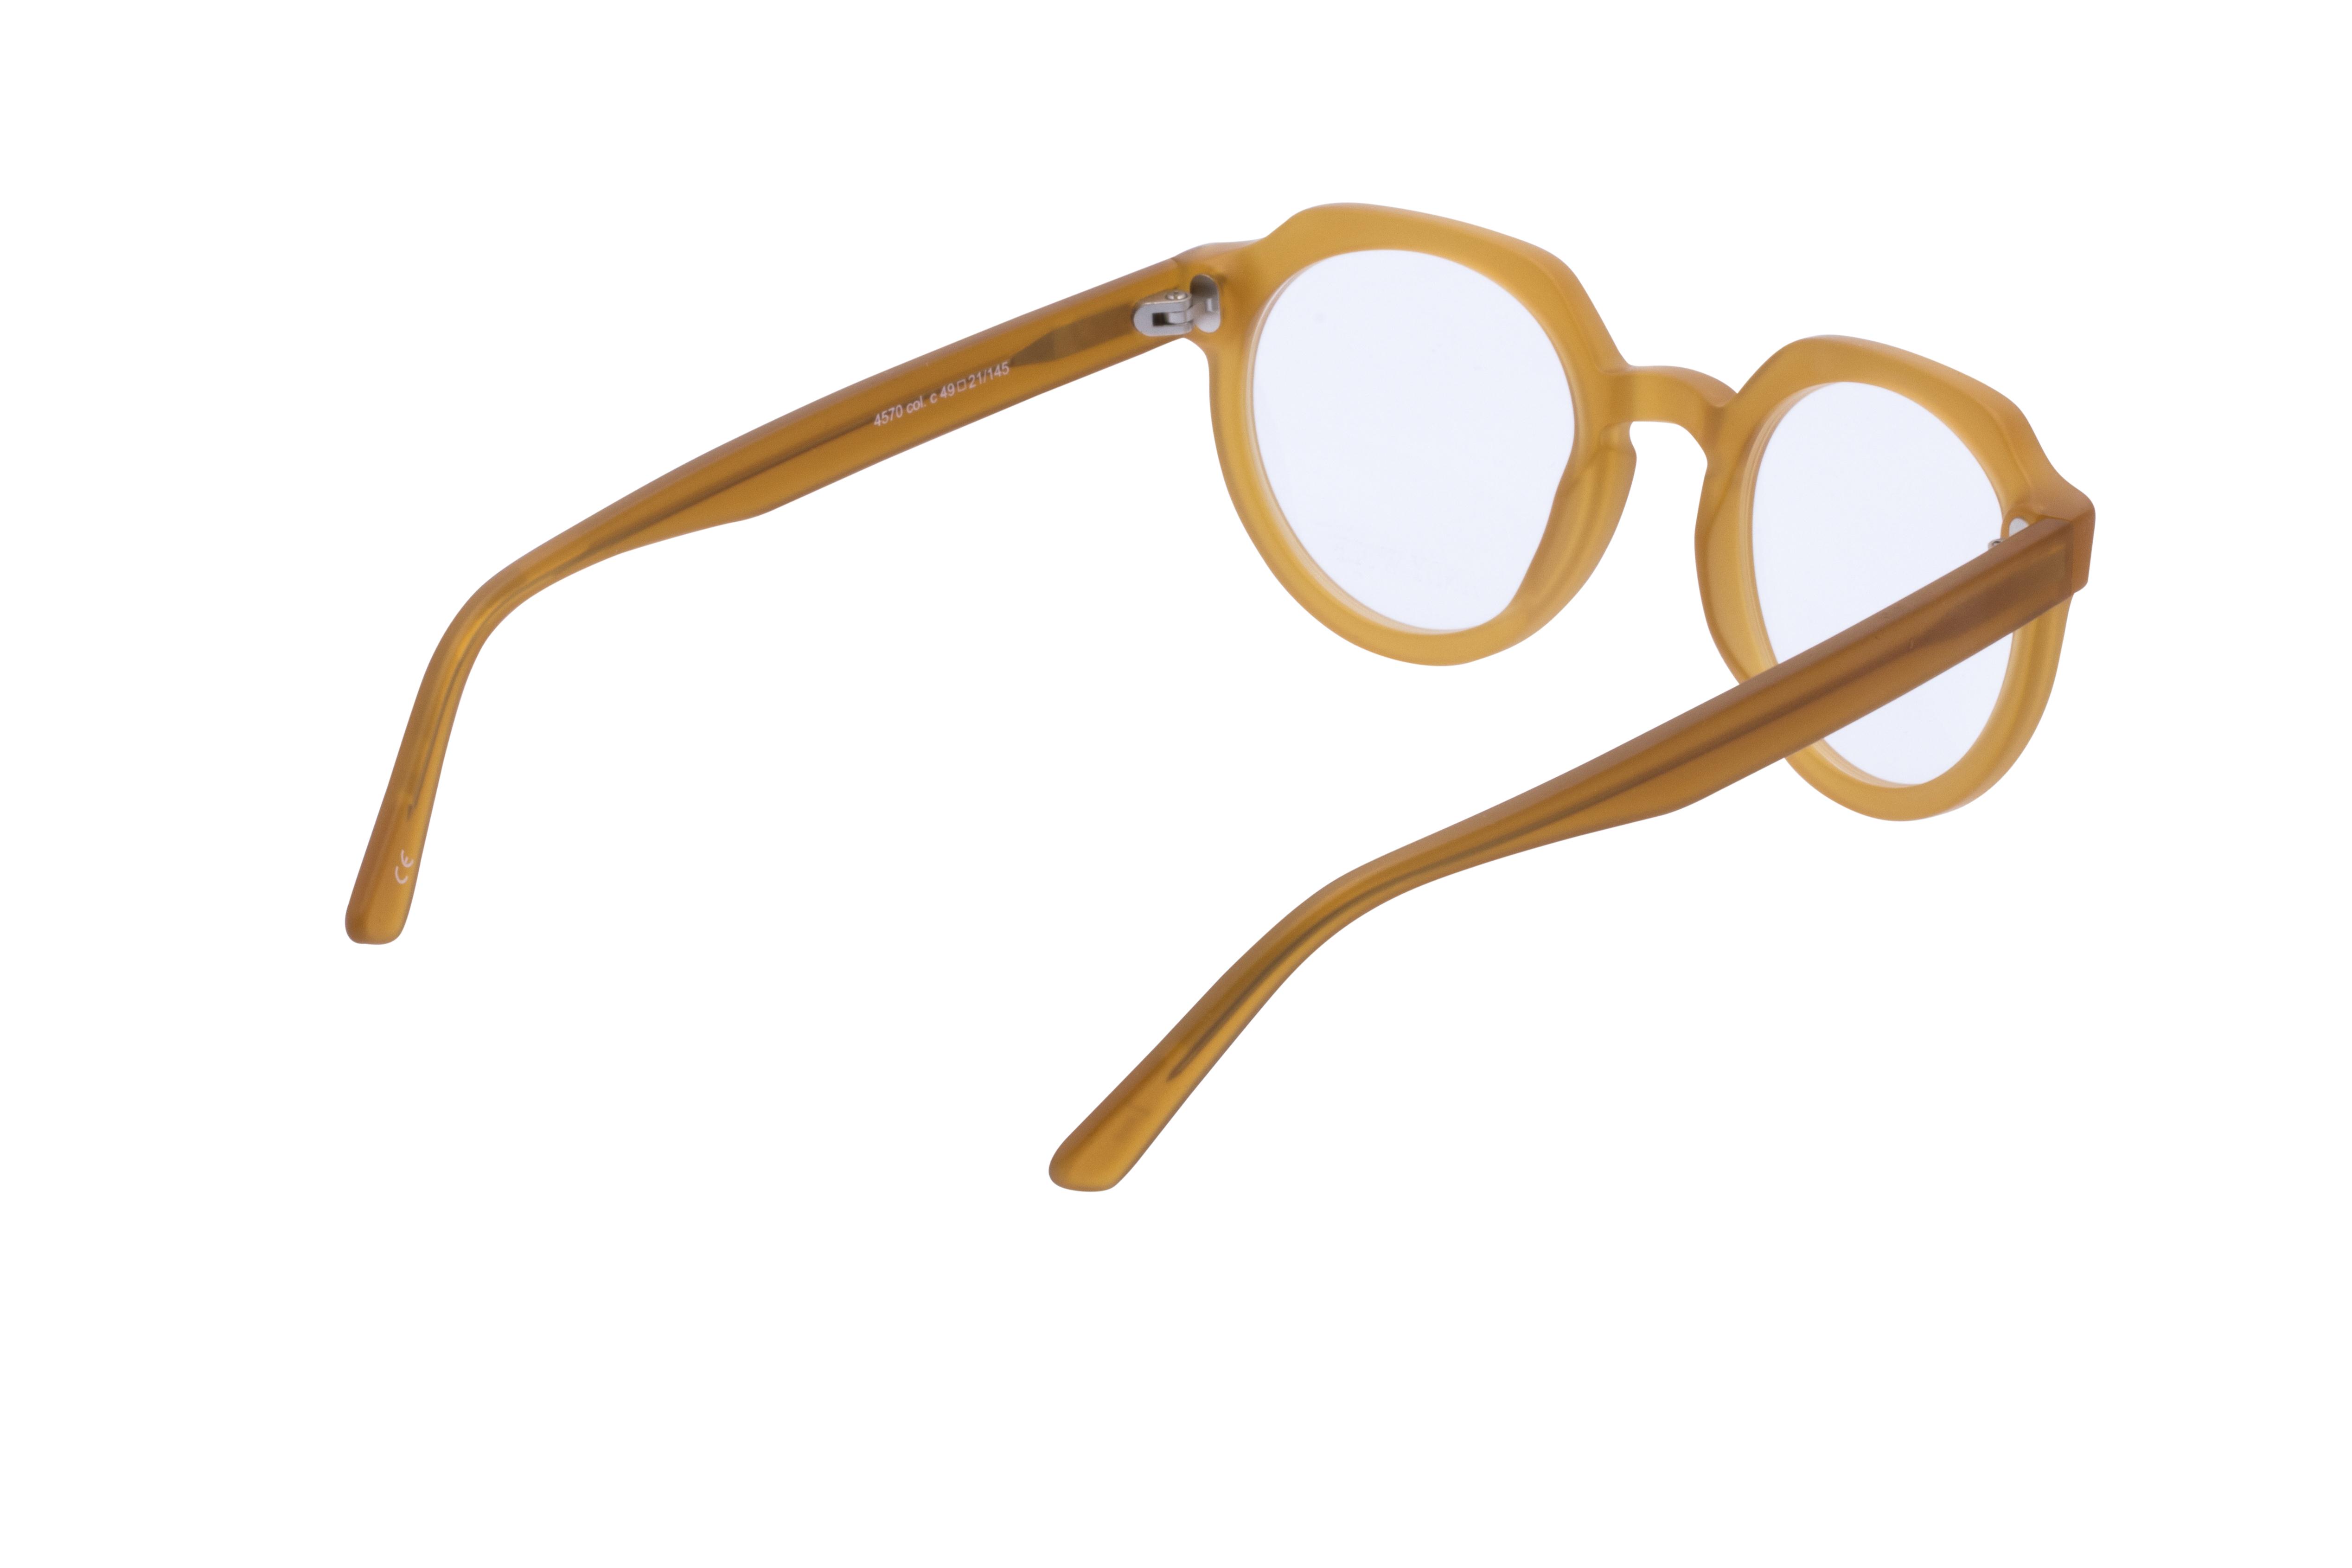 360 Grad Ansicht 9 Andy Wolf 4570, Brille auf Weiß - Fassung bei KUNK